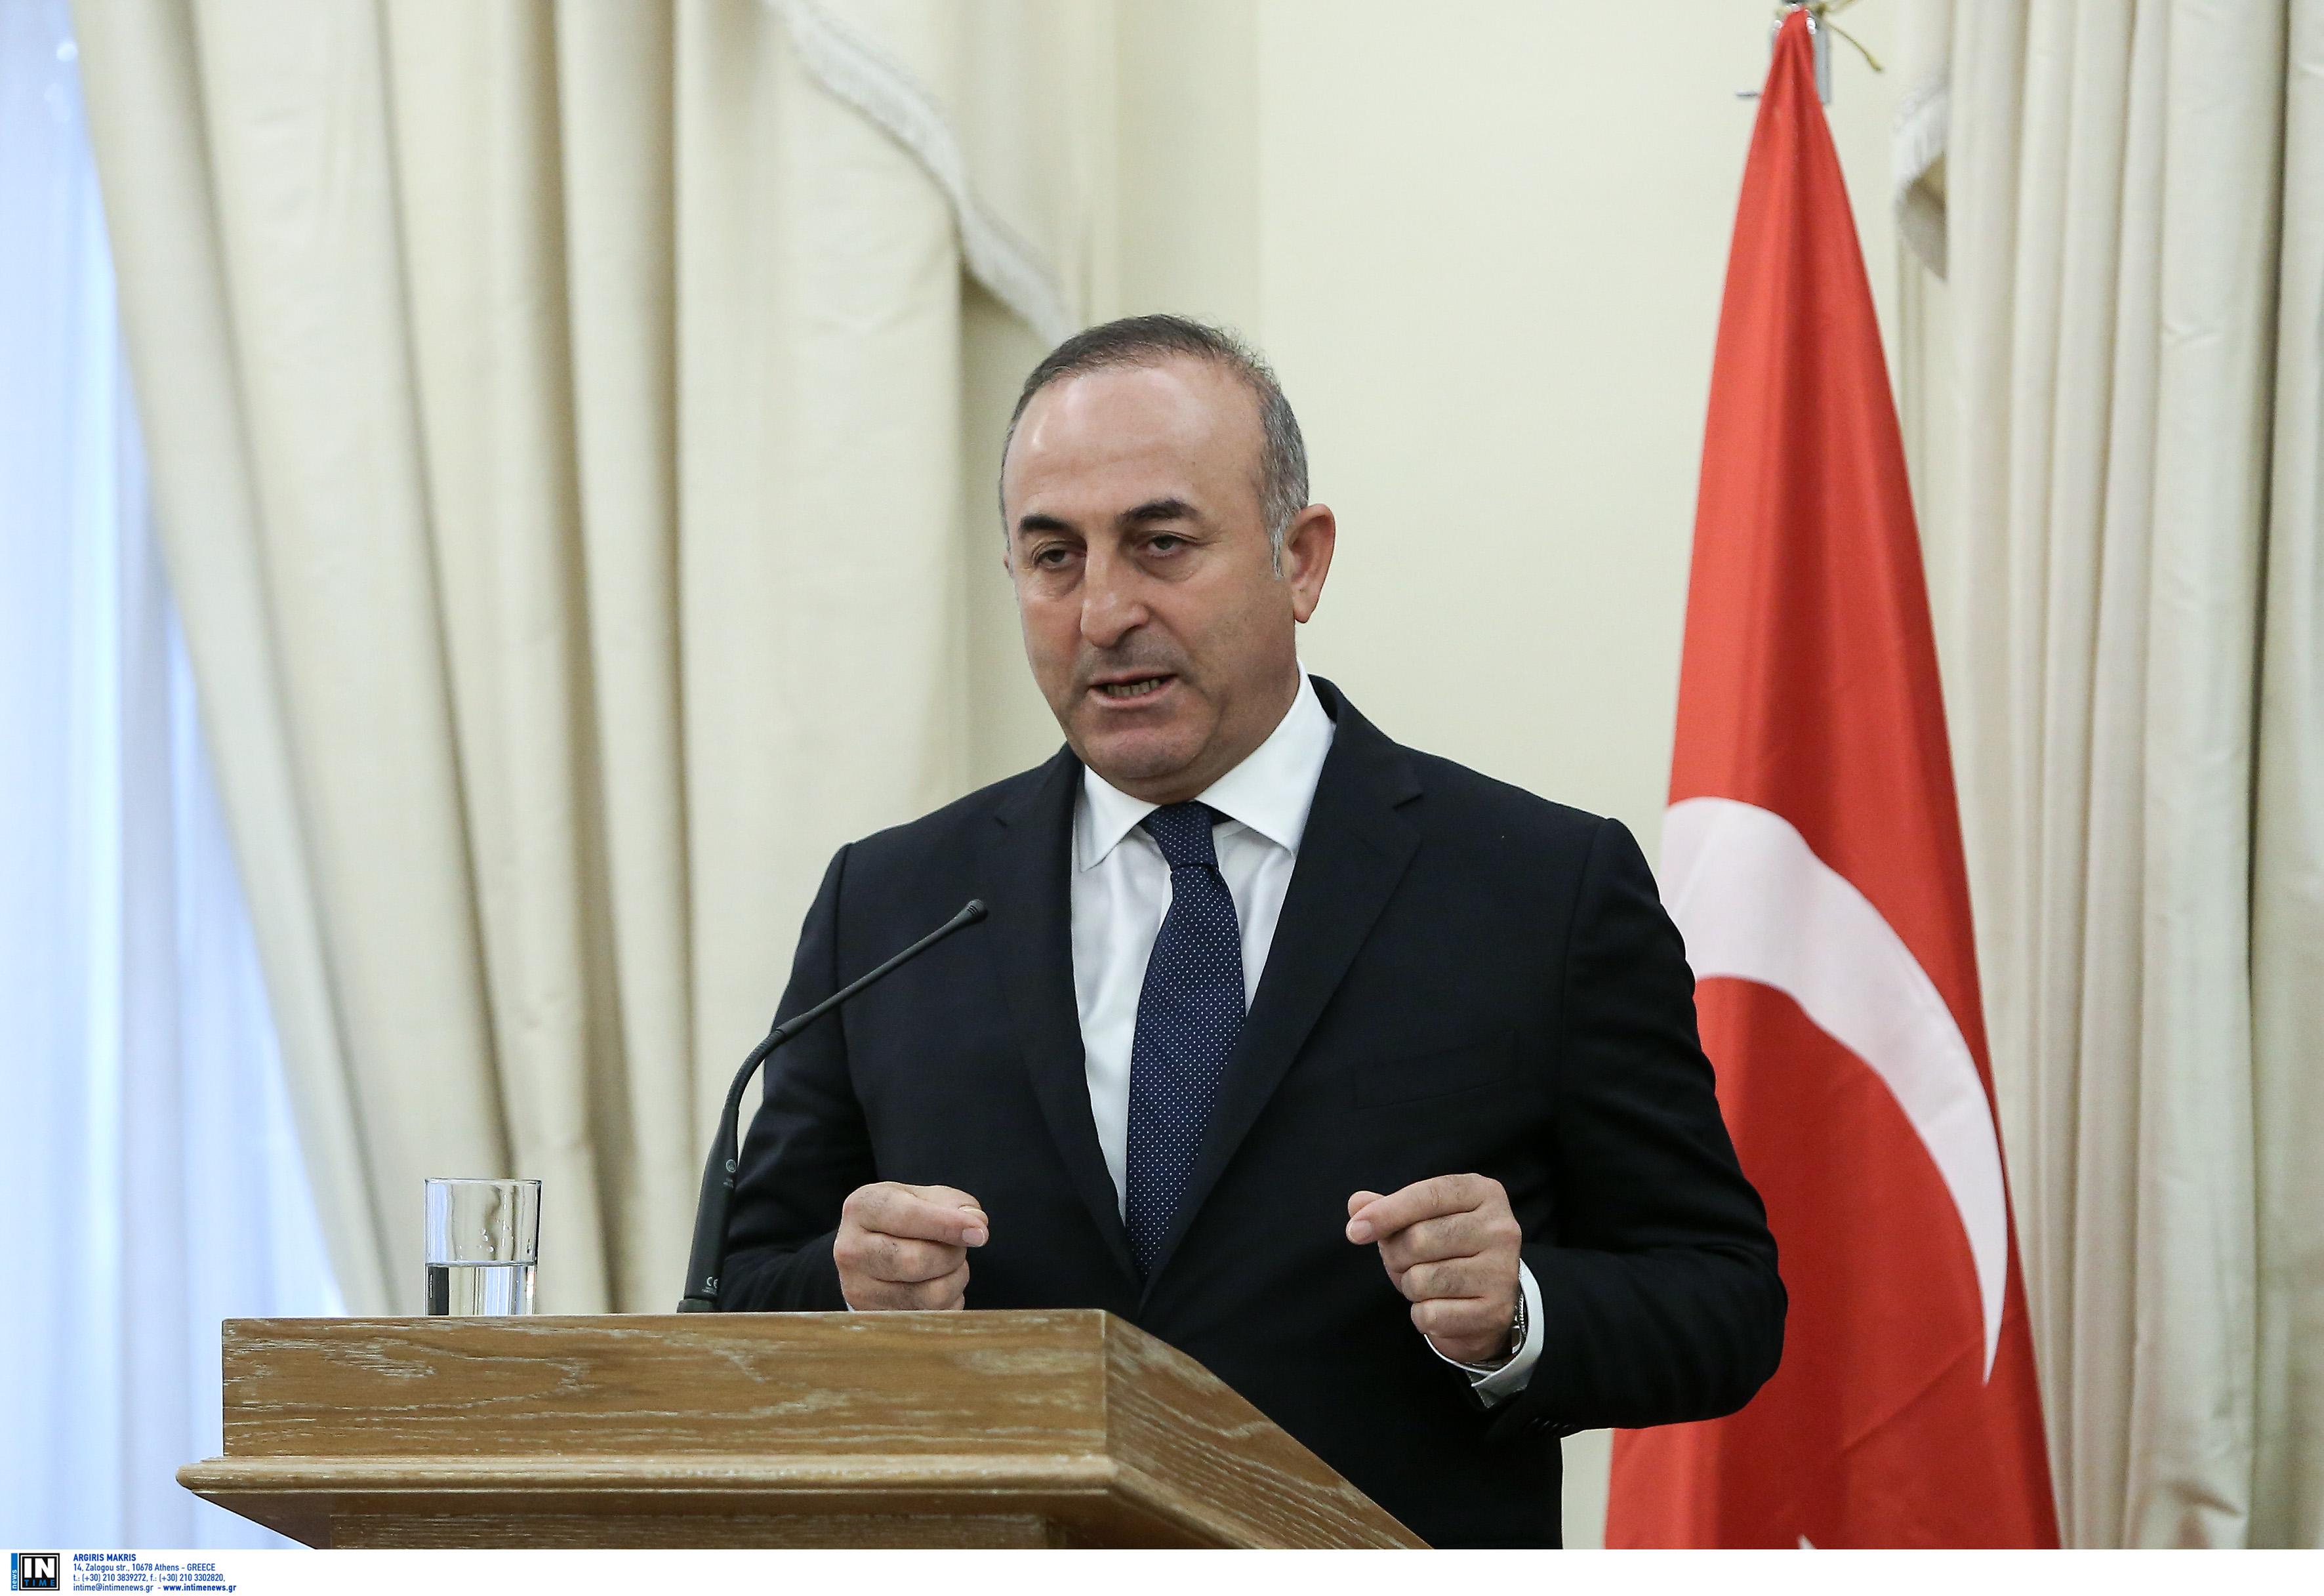 """Τραβά το """"σχοινί"""" η Τουρκία - """"Ίσως πάμε στην Χάγη για να μην έχει στρατό στα νησιά η Ελλάδα"""""""